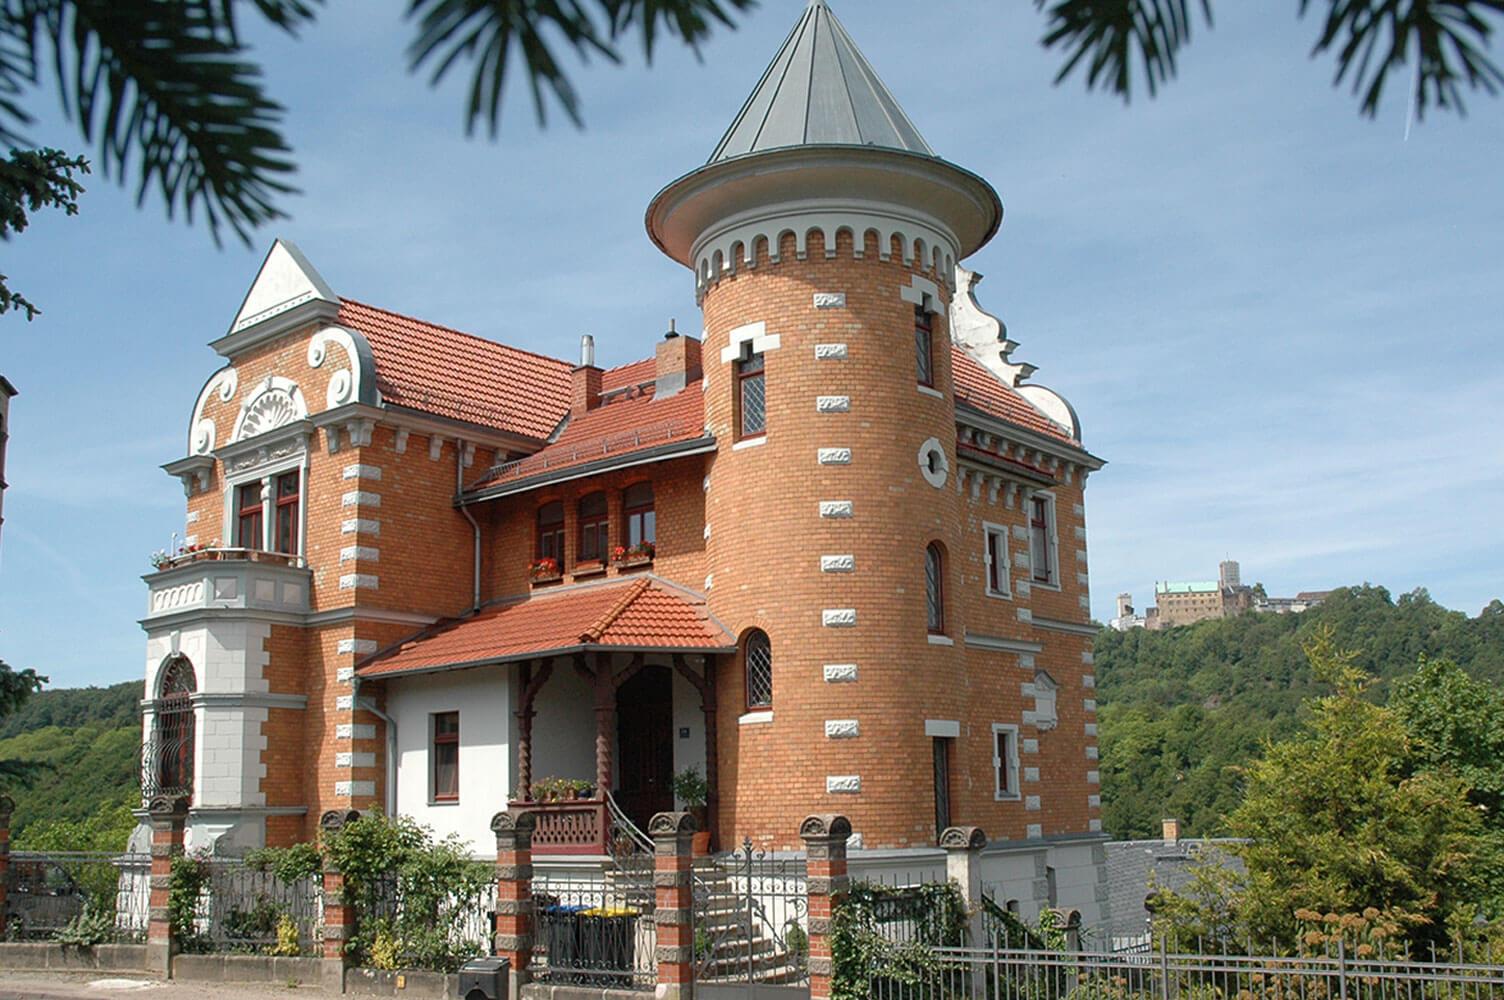 Südviertel – wandern entlang des Villenviertels Eisenach